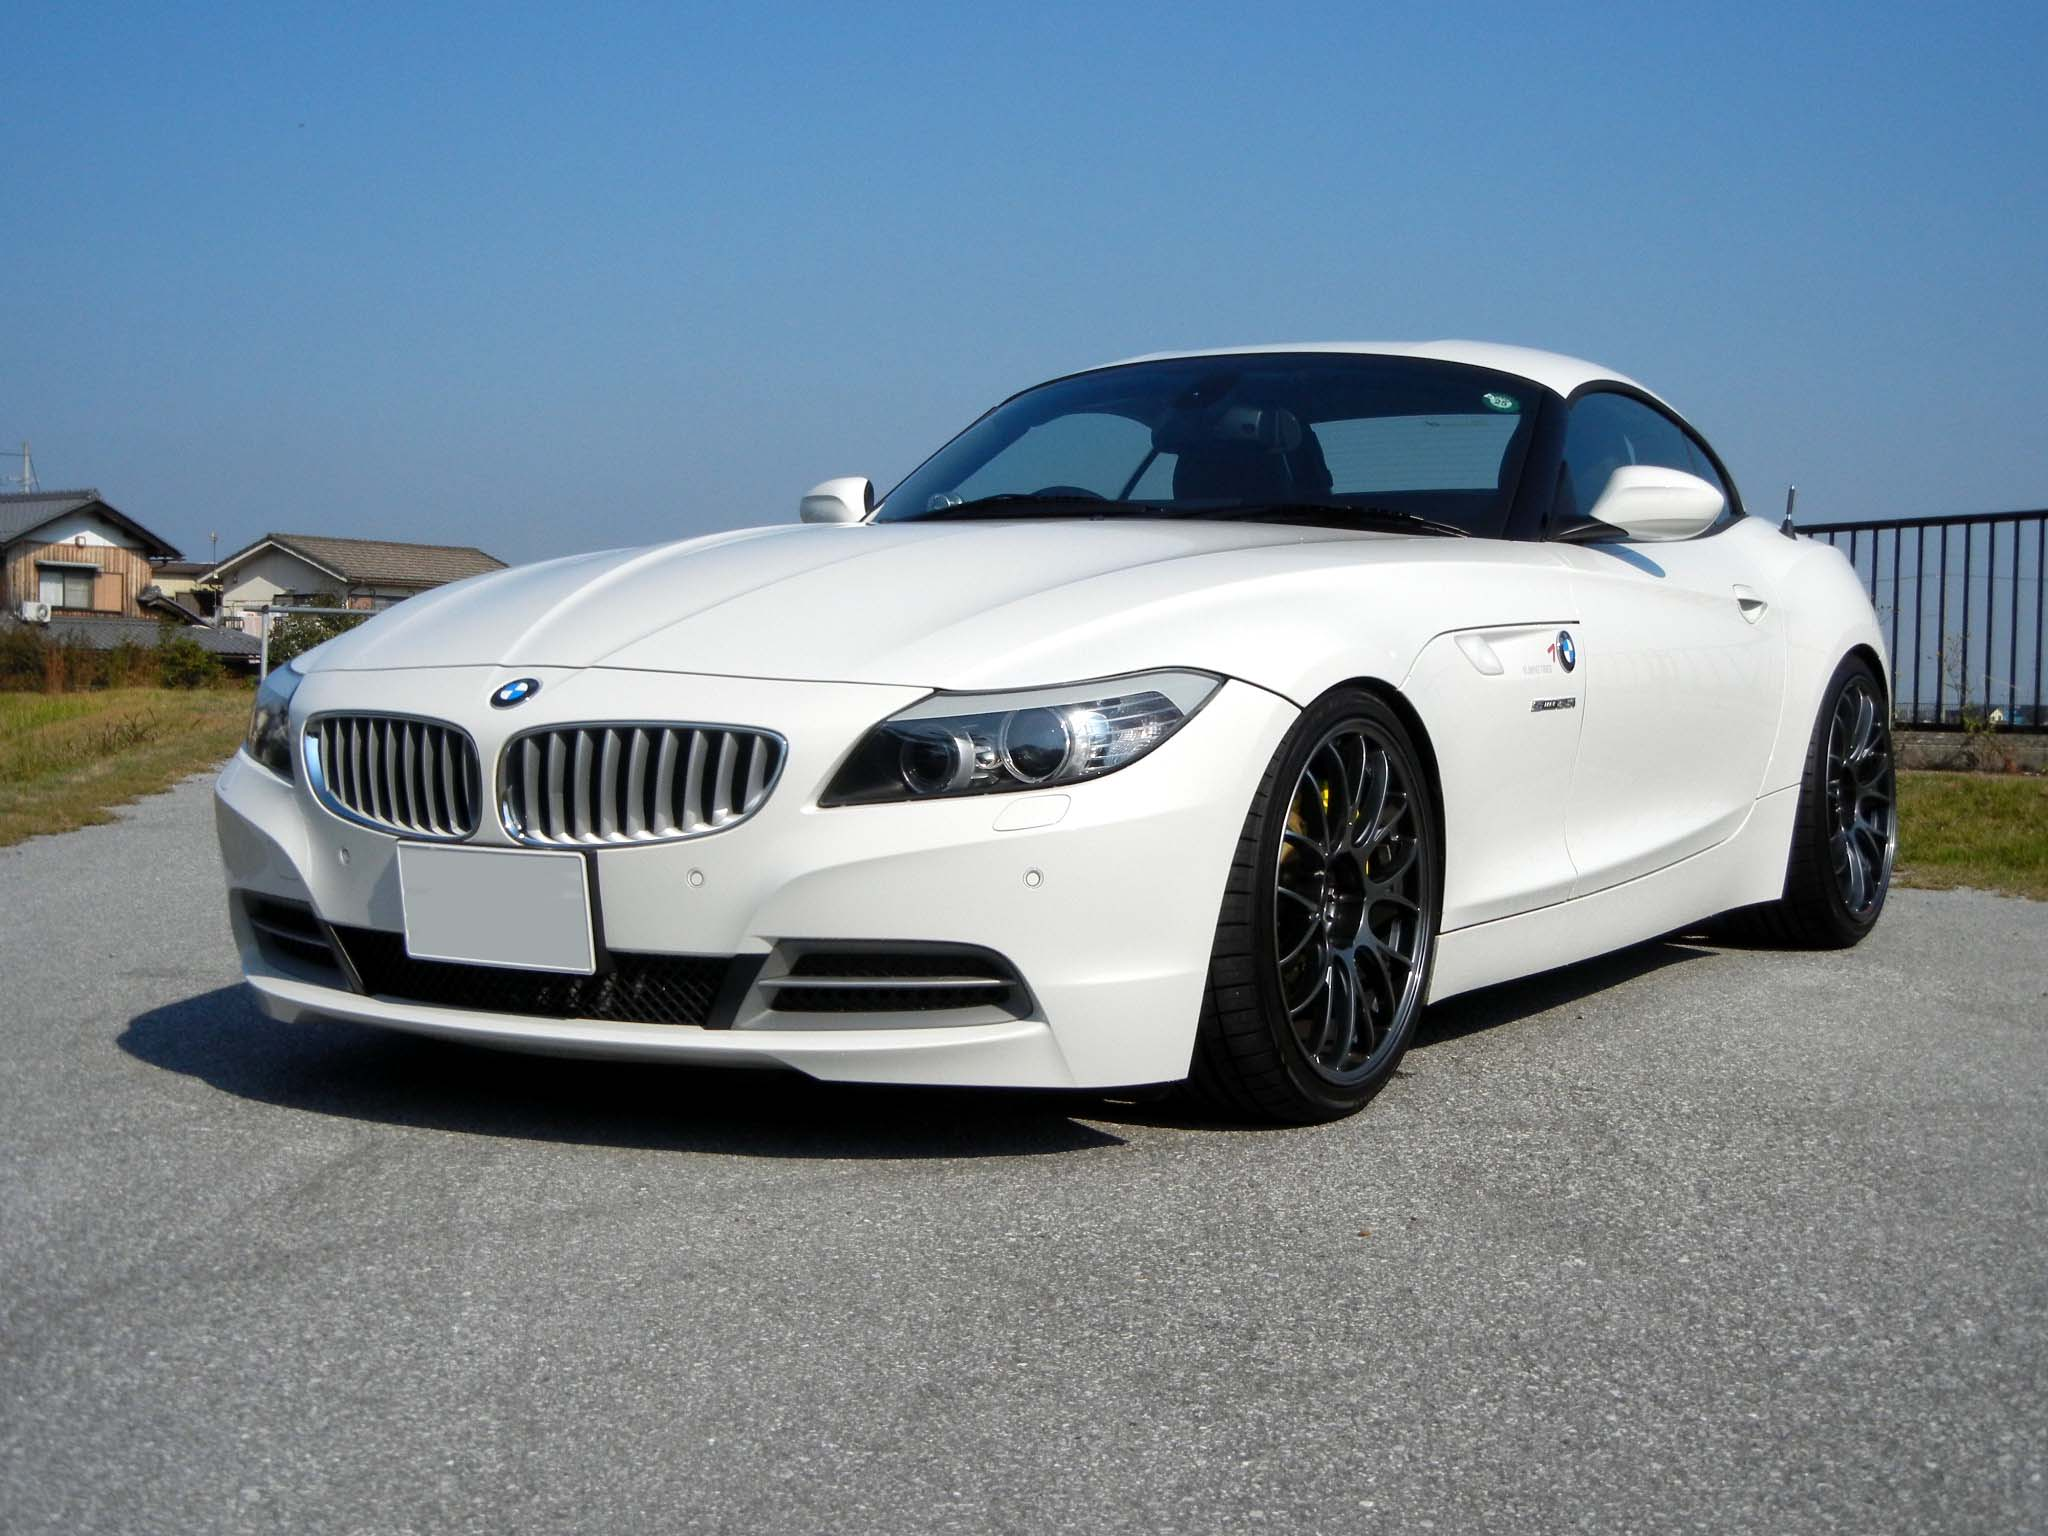 Bmwを代表するオープンスポーツカー・z4!性能と価格を徹底調査!|